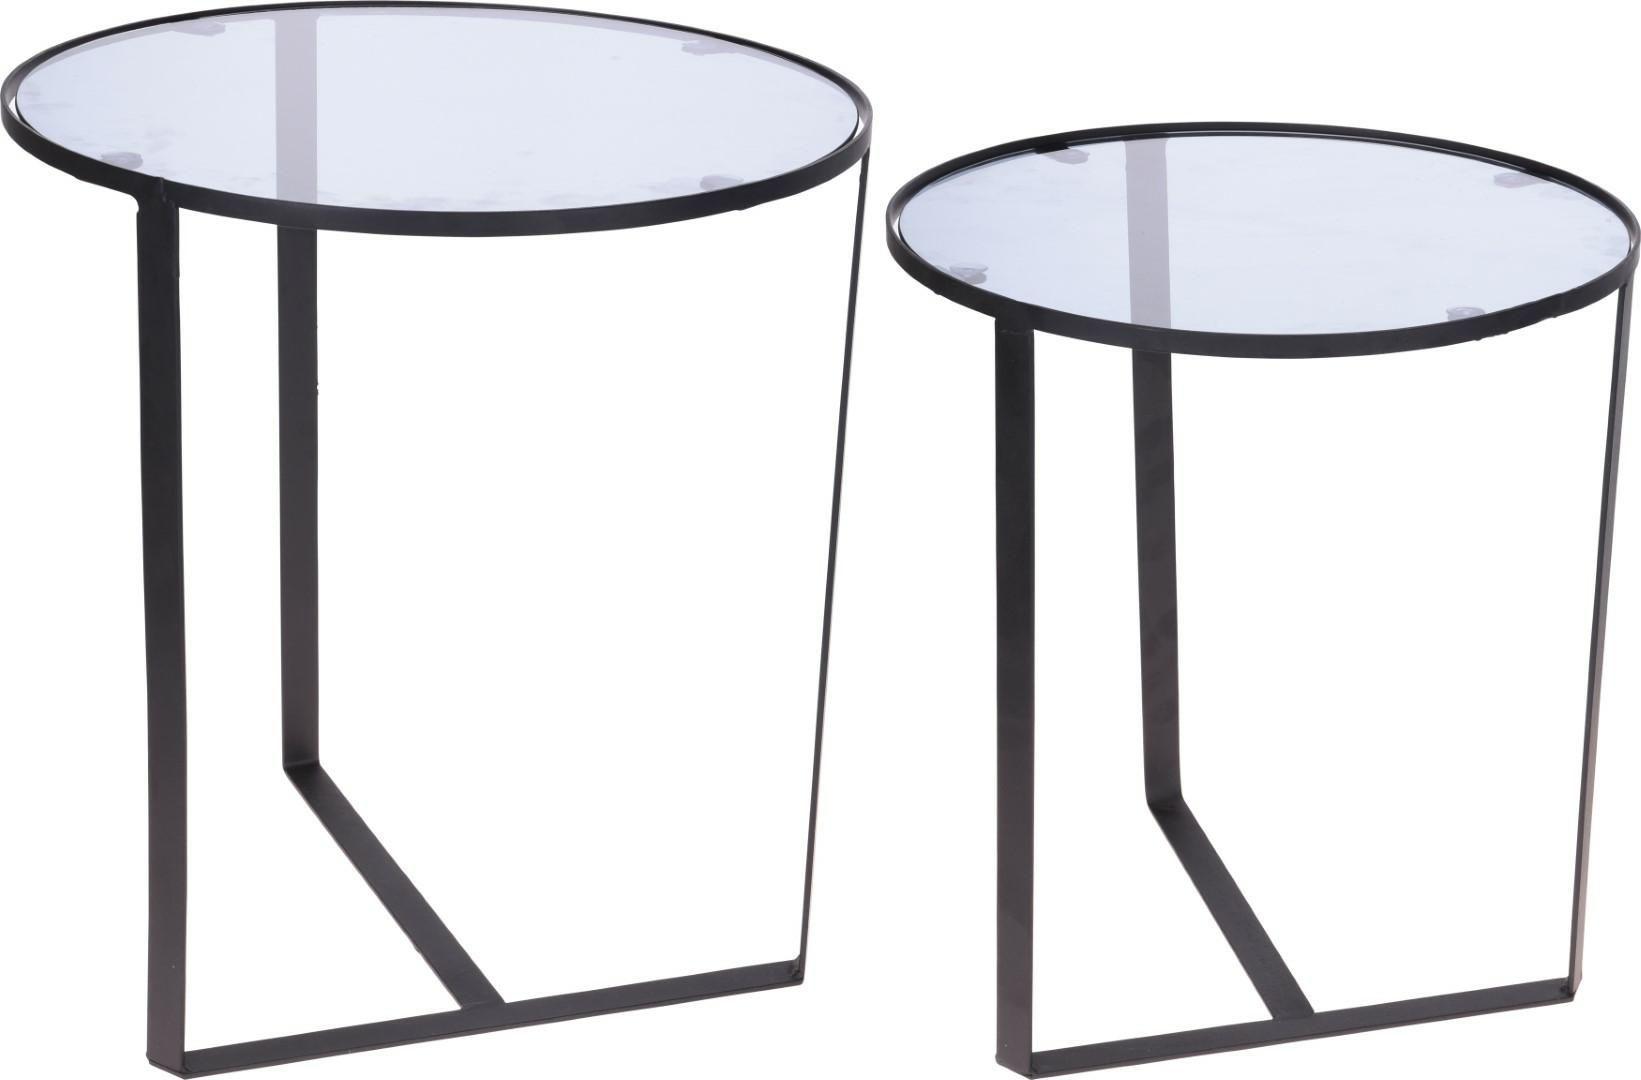 Zestaw stolików HAMPTON czarny-przezroczysty